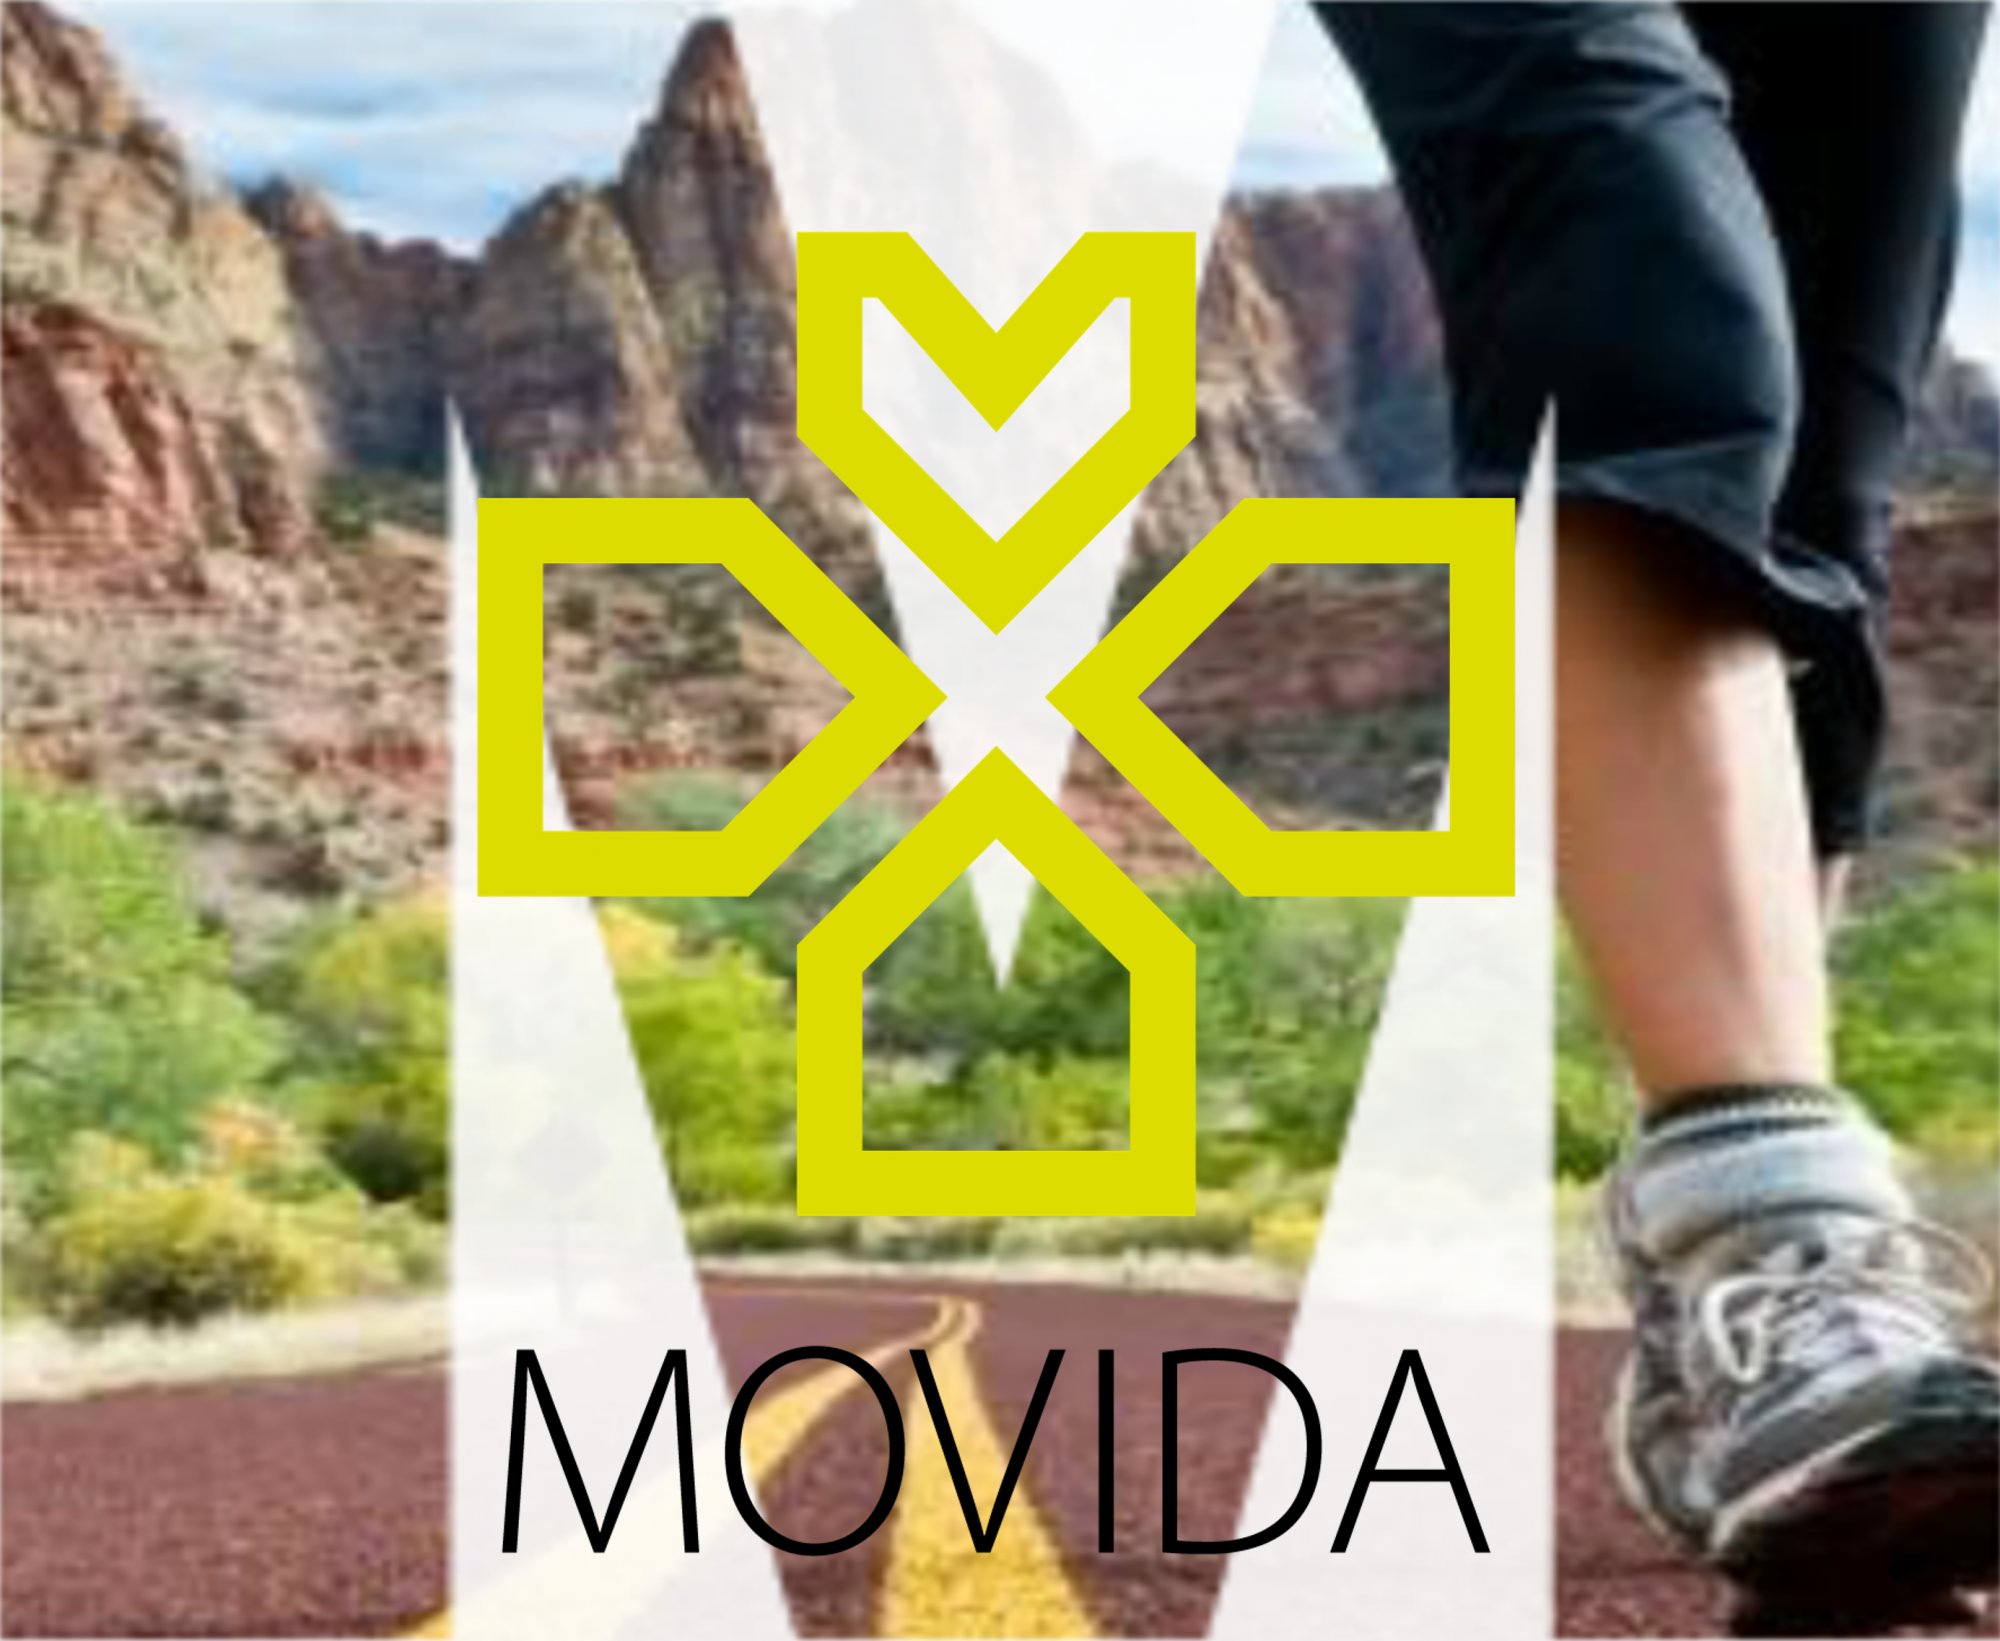 MOVIDA - Plataforma de MOnitorização da AtiVIDAde Física